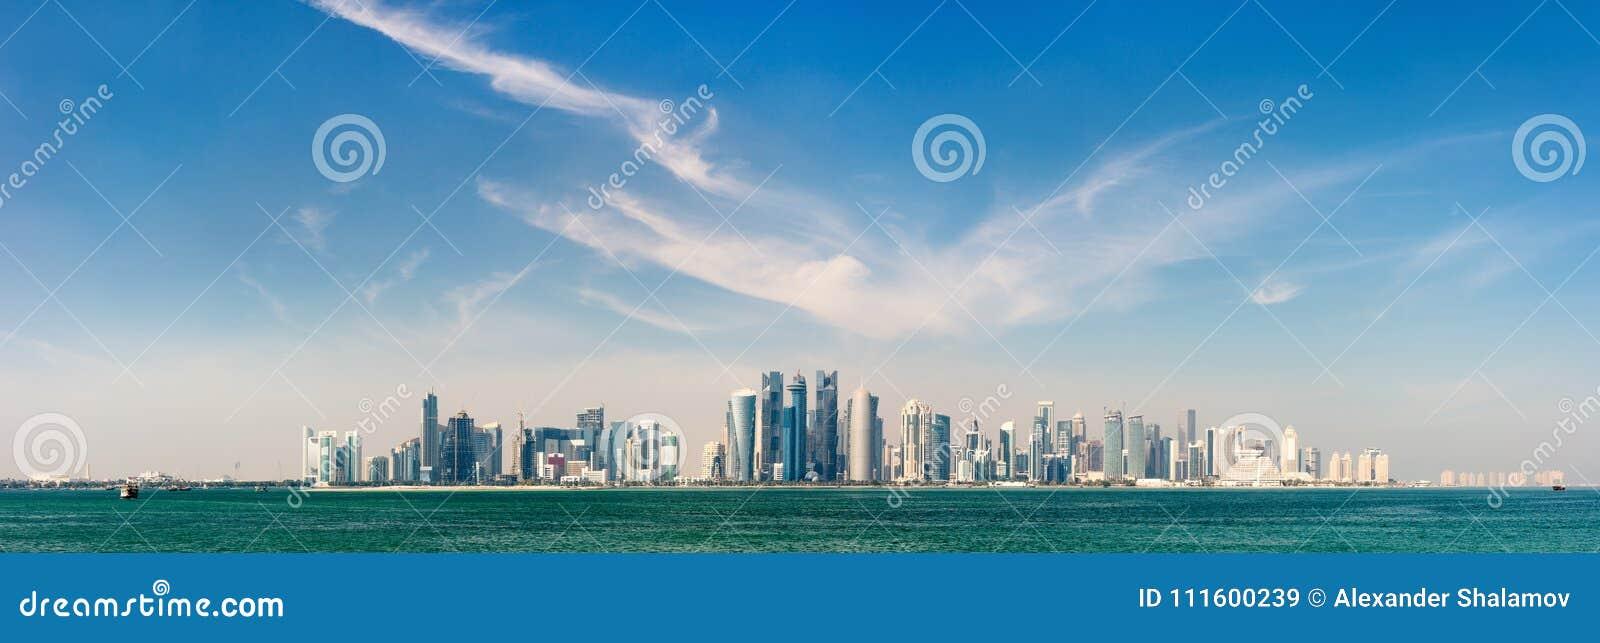 Orizzonte di Doha Qatar